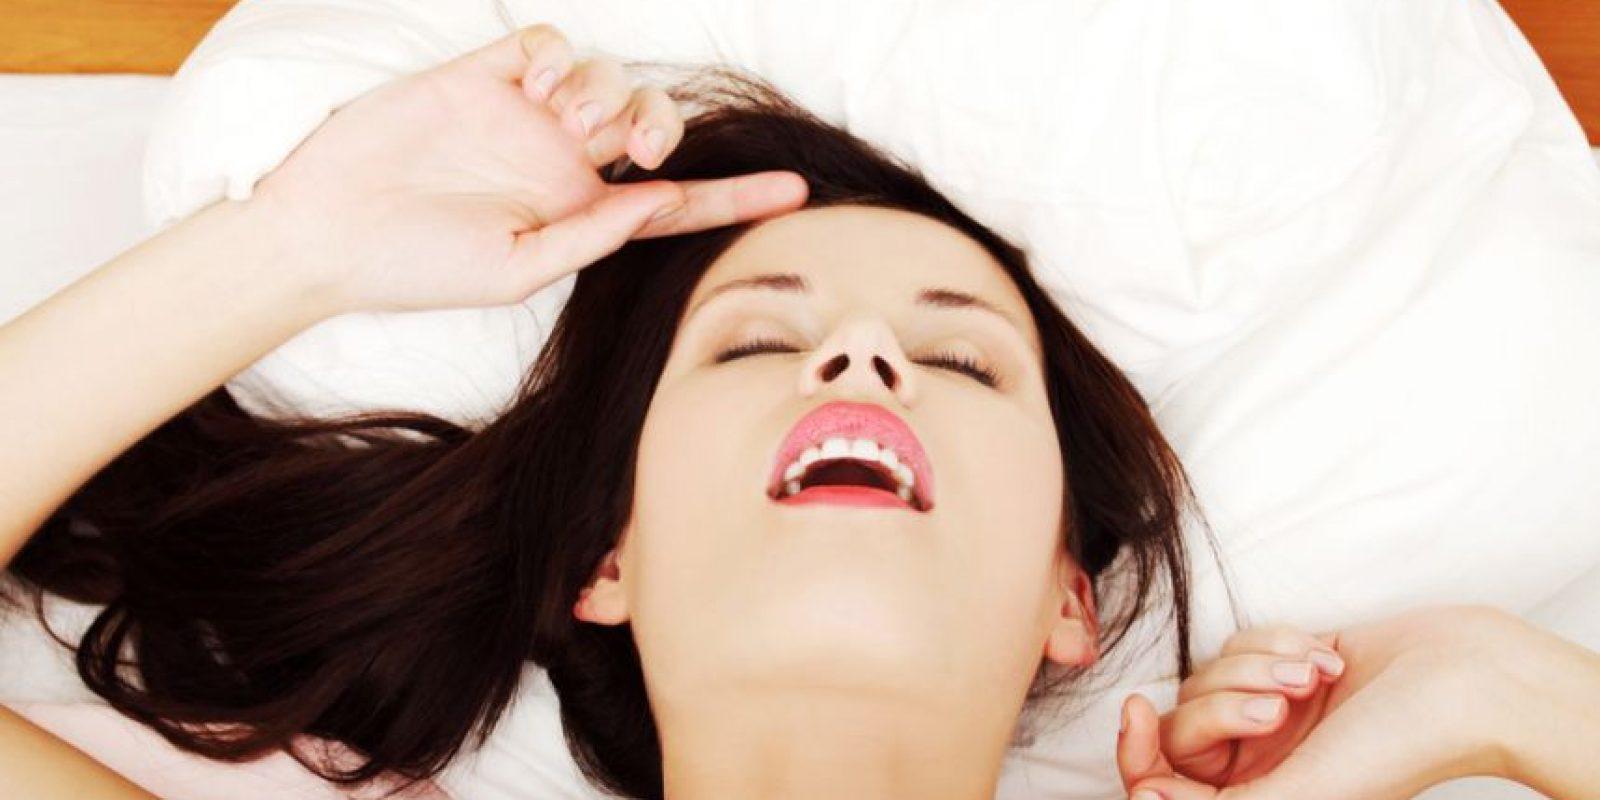 La relajación es vital para un mejor flujo sanguíneo